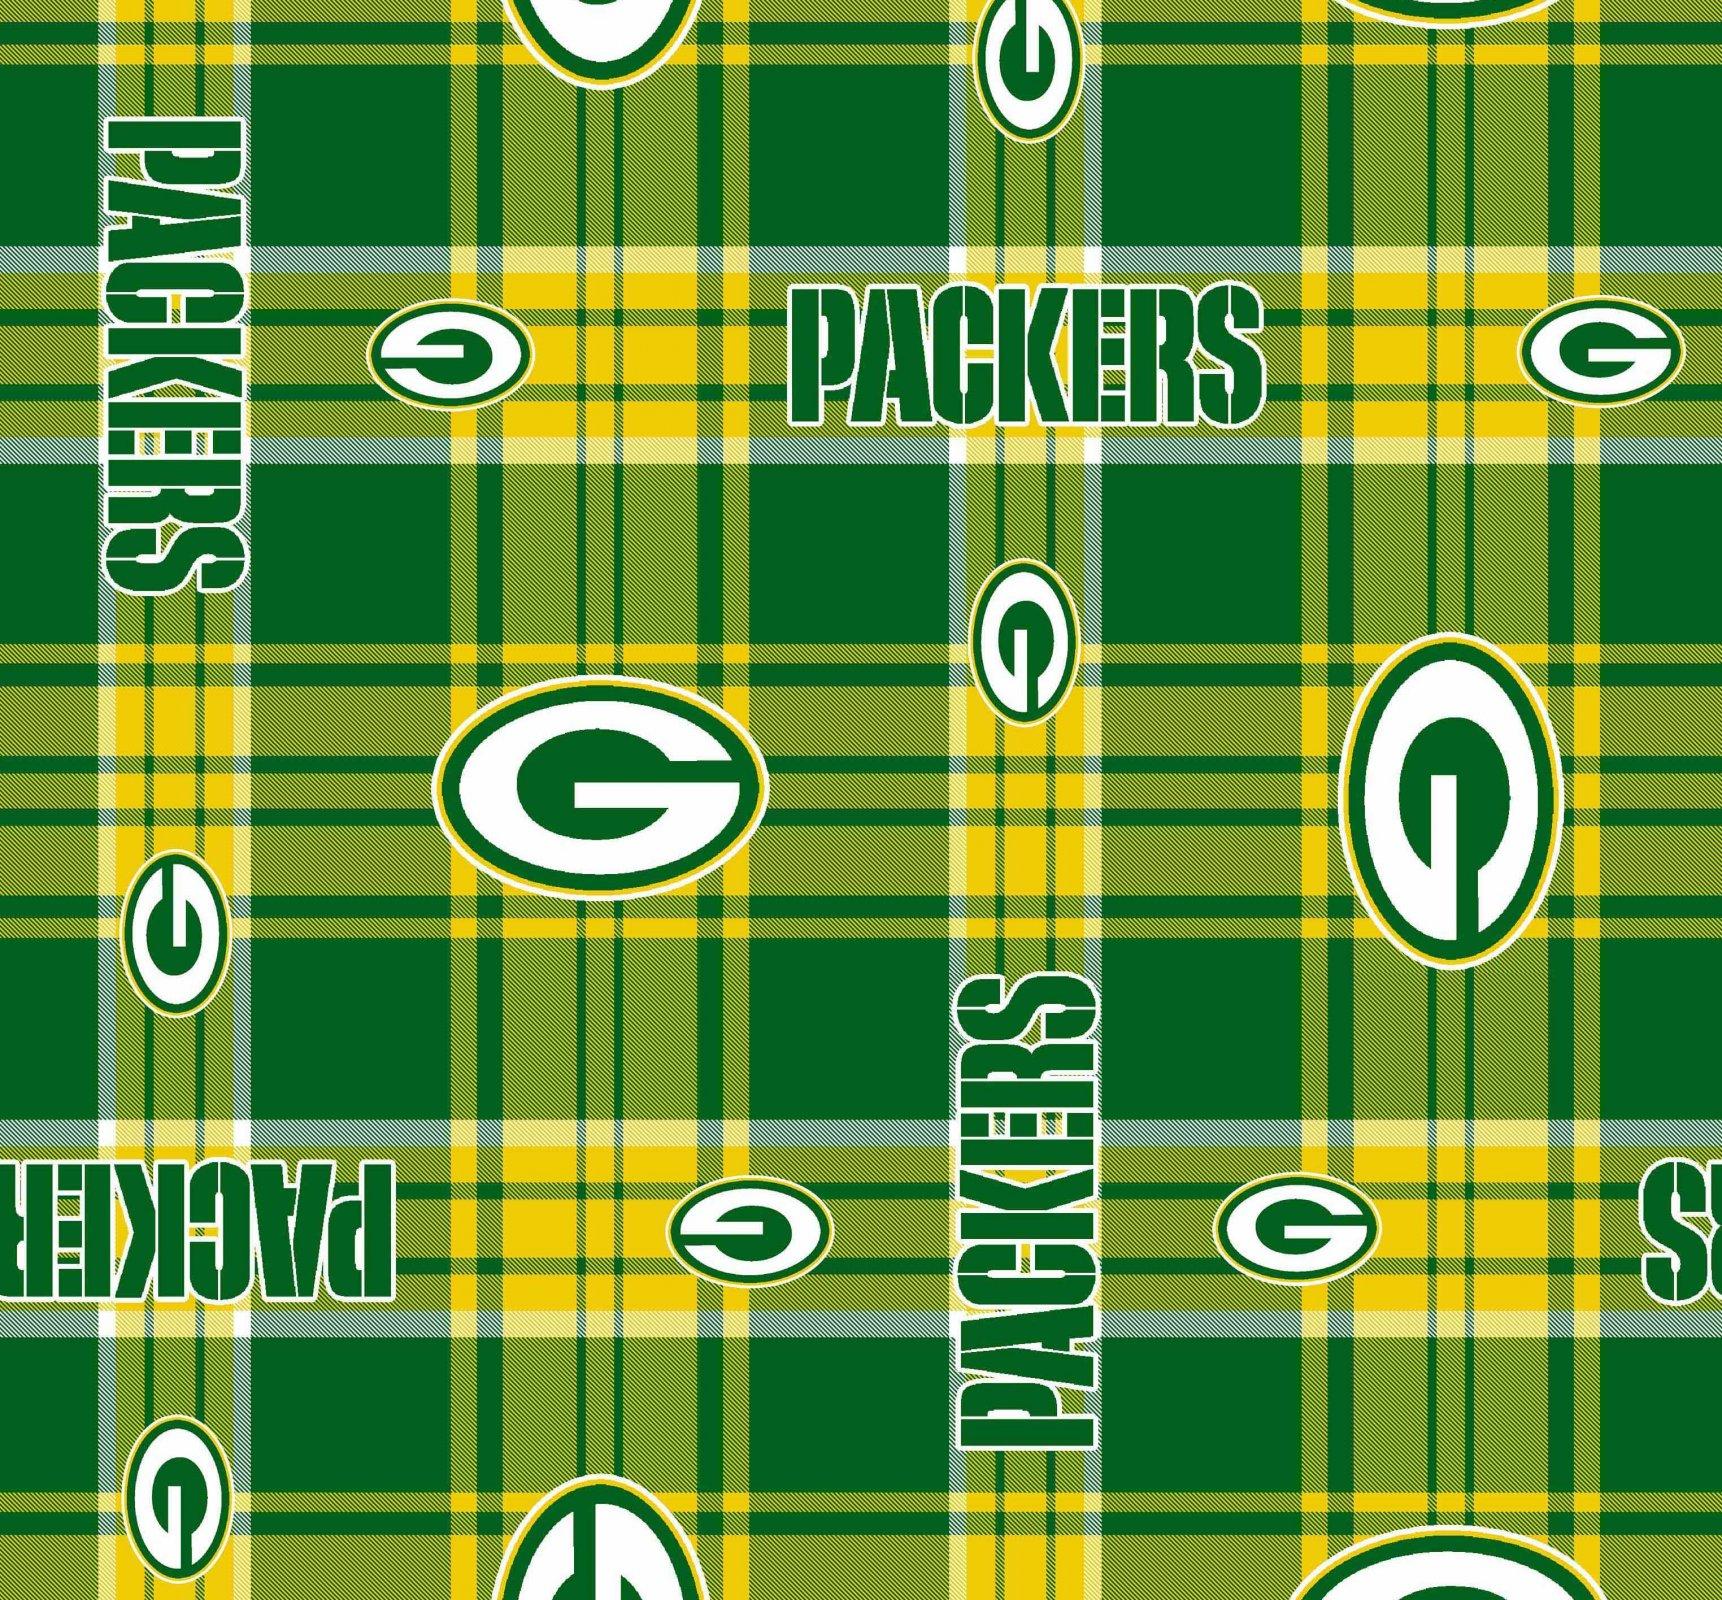 NFL Fleece 6392-D Green Bay Packers FLEECE Plaid (20J)